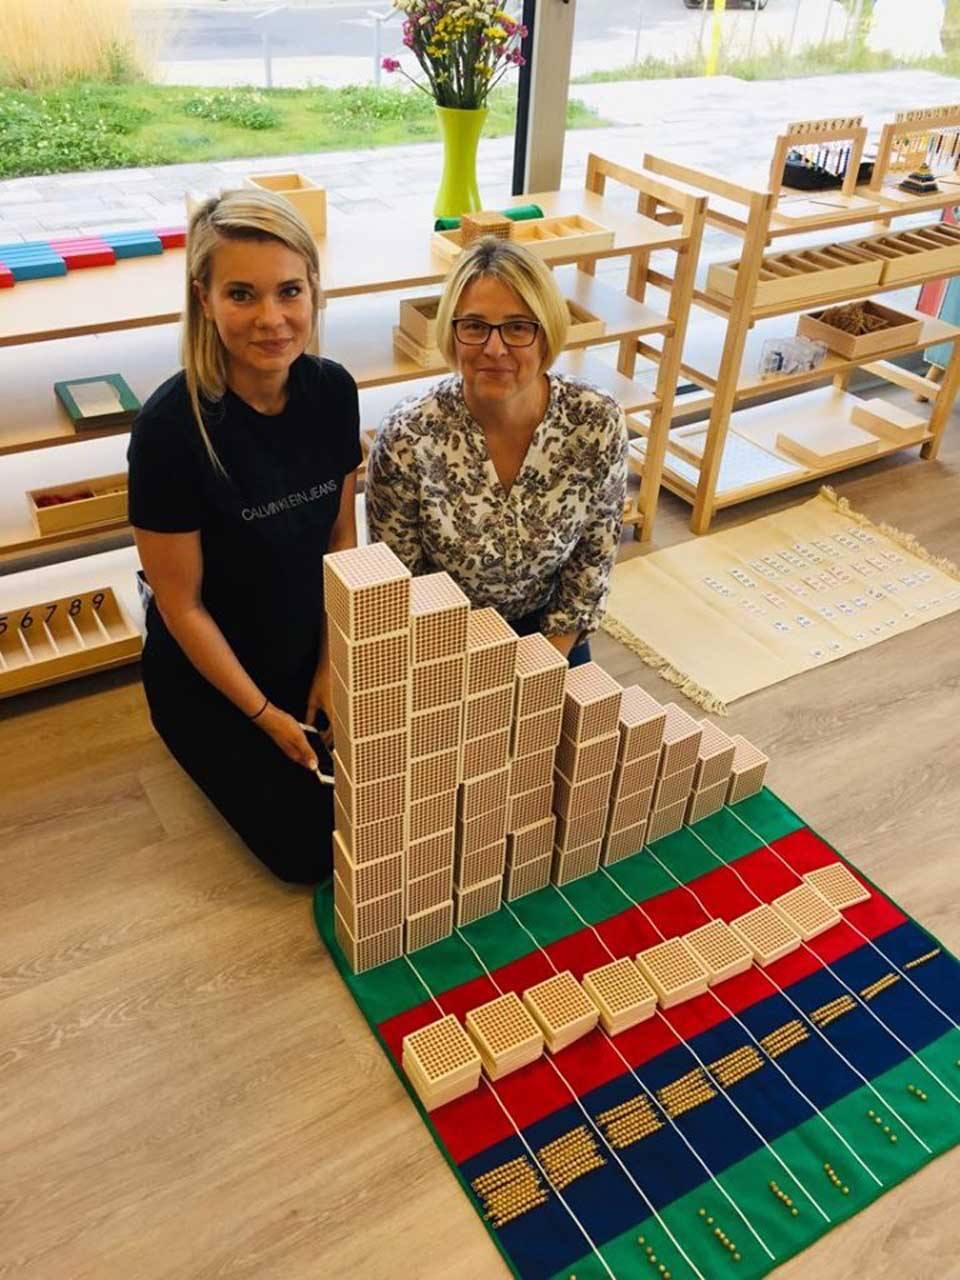 Kurs Montessori Gdańsk